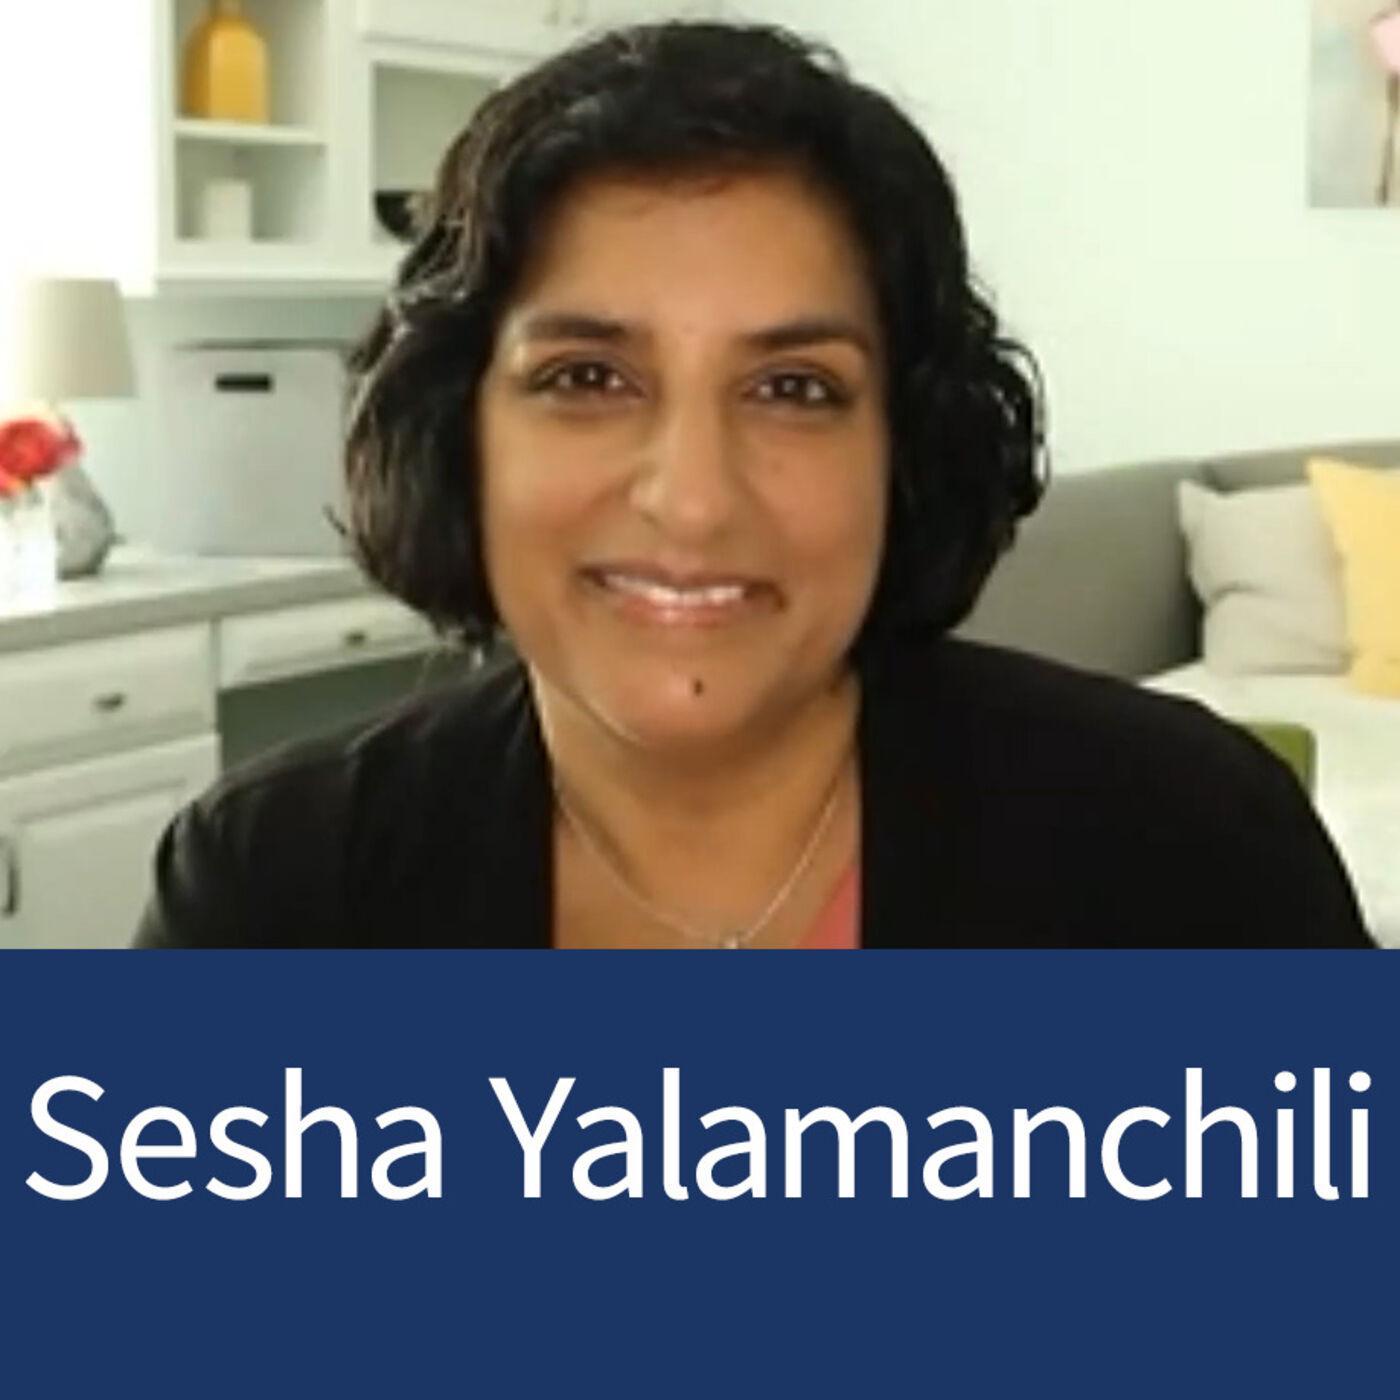 Sesha Yalamanchili - On The Mark Consulting - Imparting Knowledge On The Internet - Episode 19